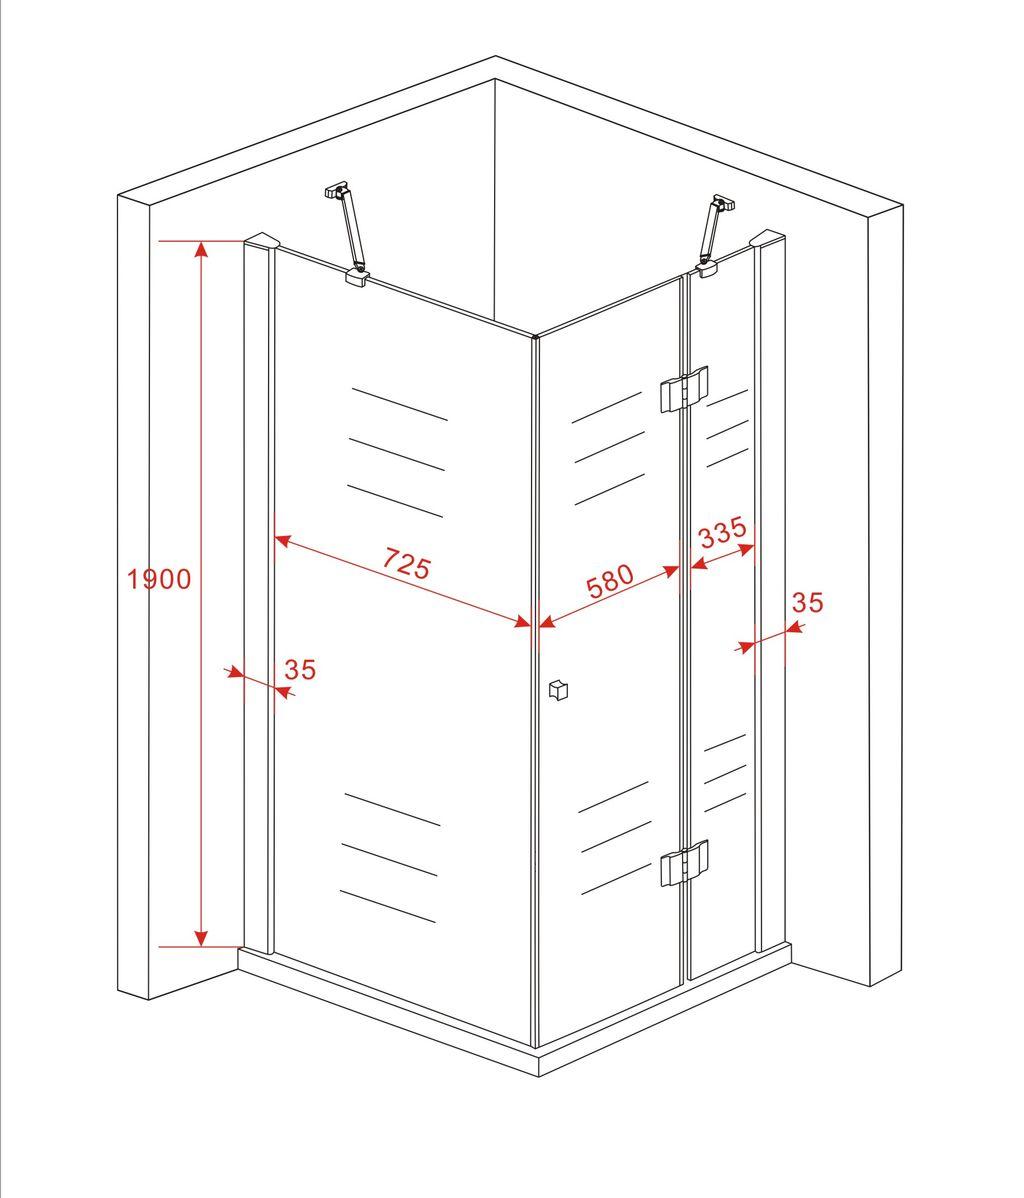 duschkabine norma glas dusche duschwand duschabtrennung. Black Bedroom Furniture Sets. Home Design Ideas